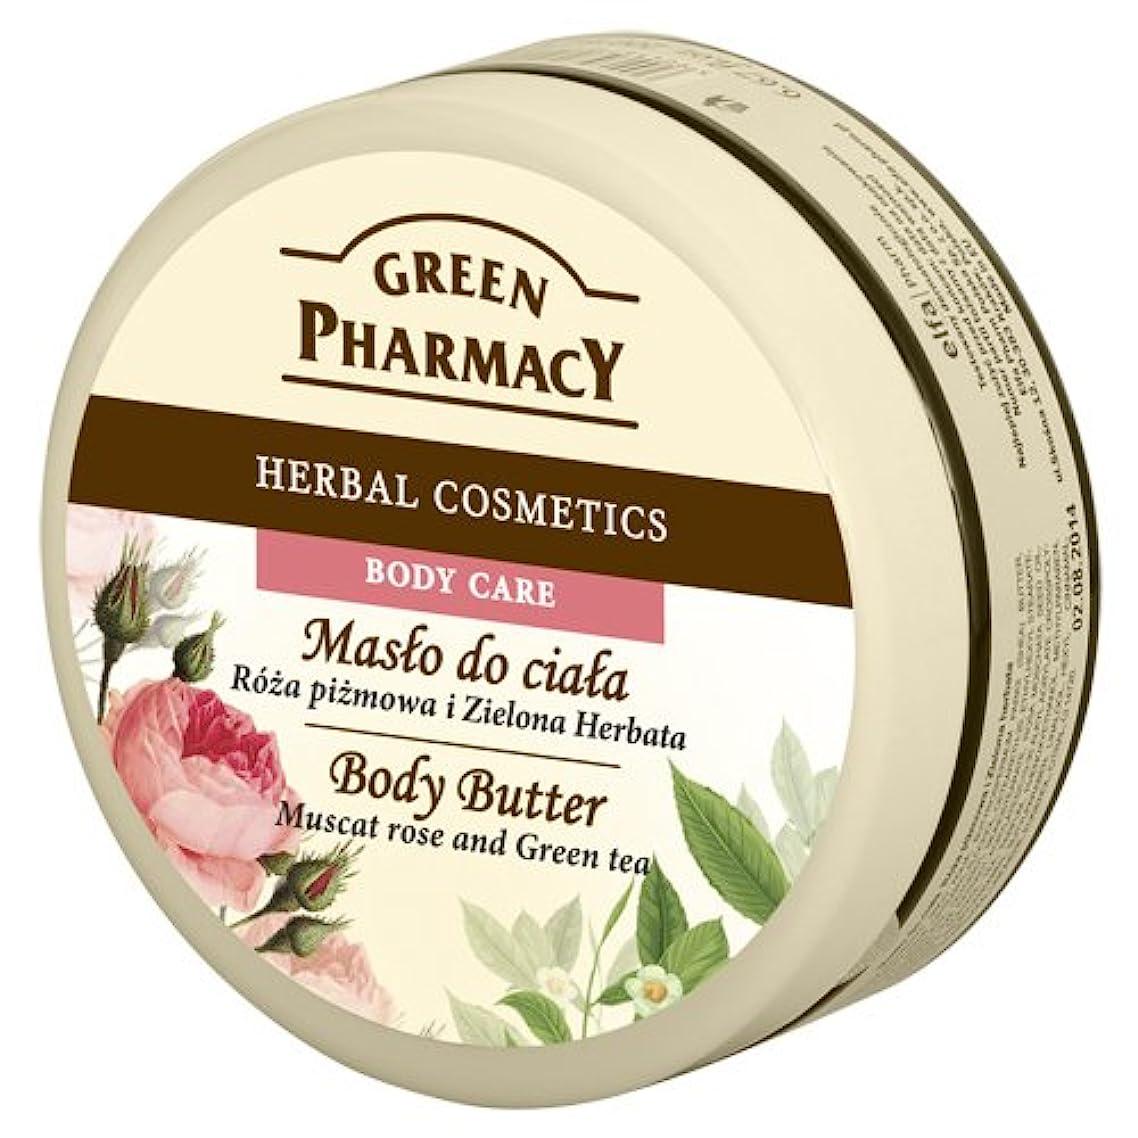 可愛い写真を撮る接続されたElfa Pharm Green Pharmacy グリーンファーマシー Body Butter ボディバター Muscat Rose and Green Tea